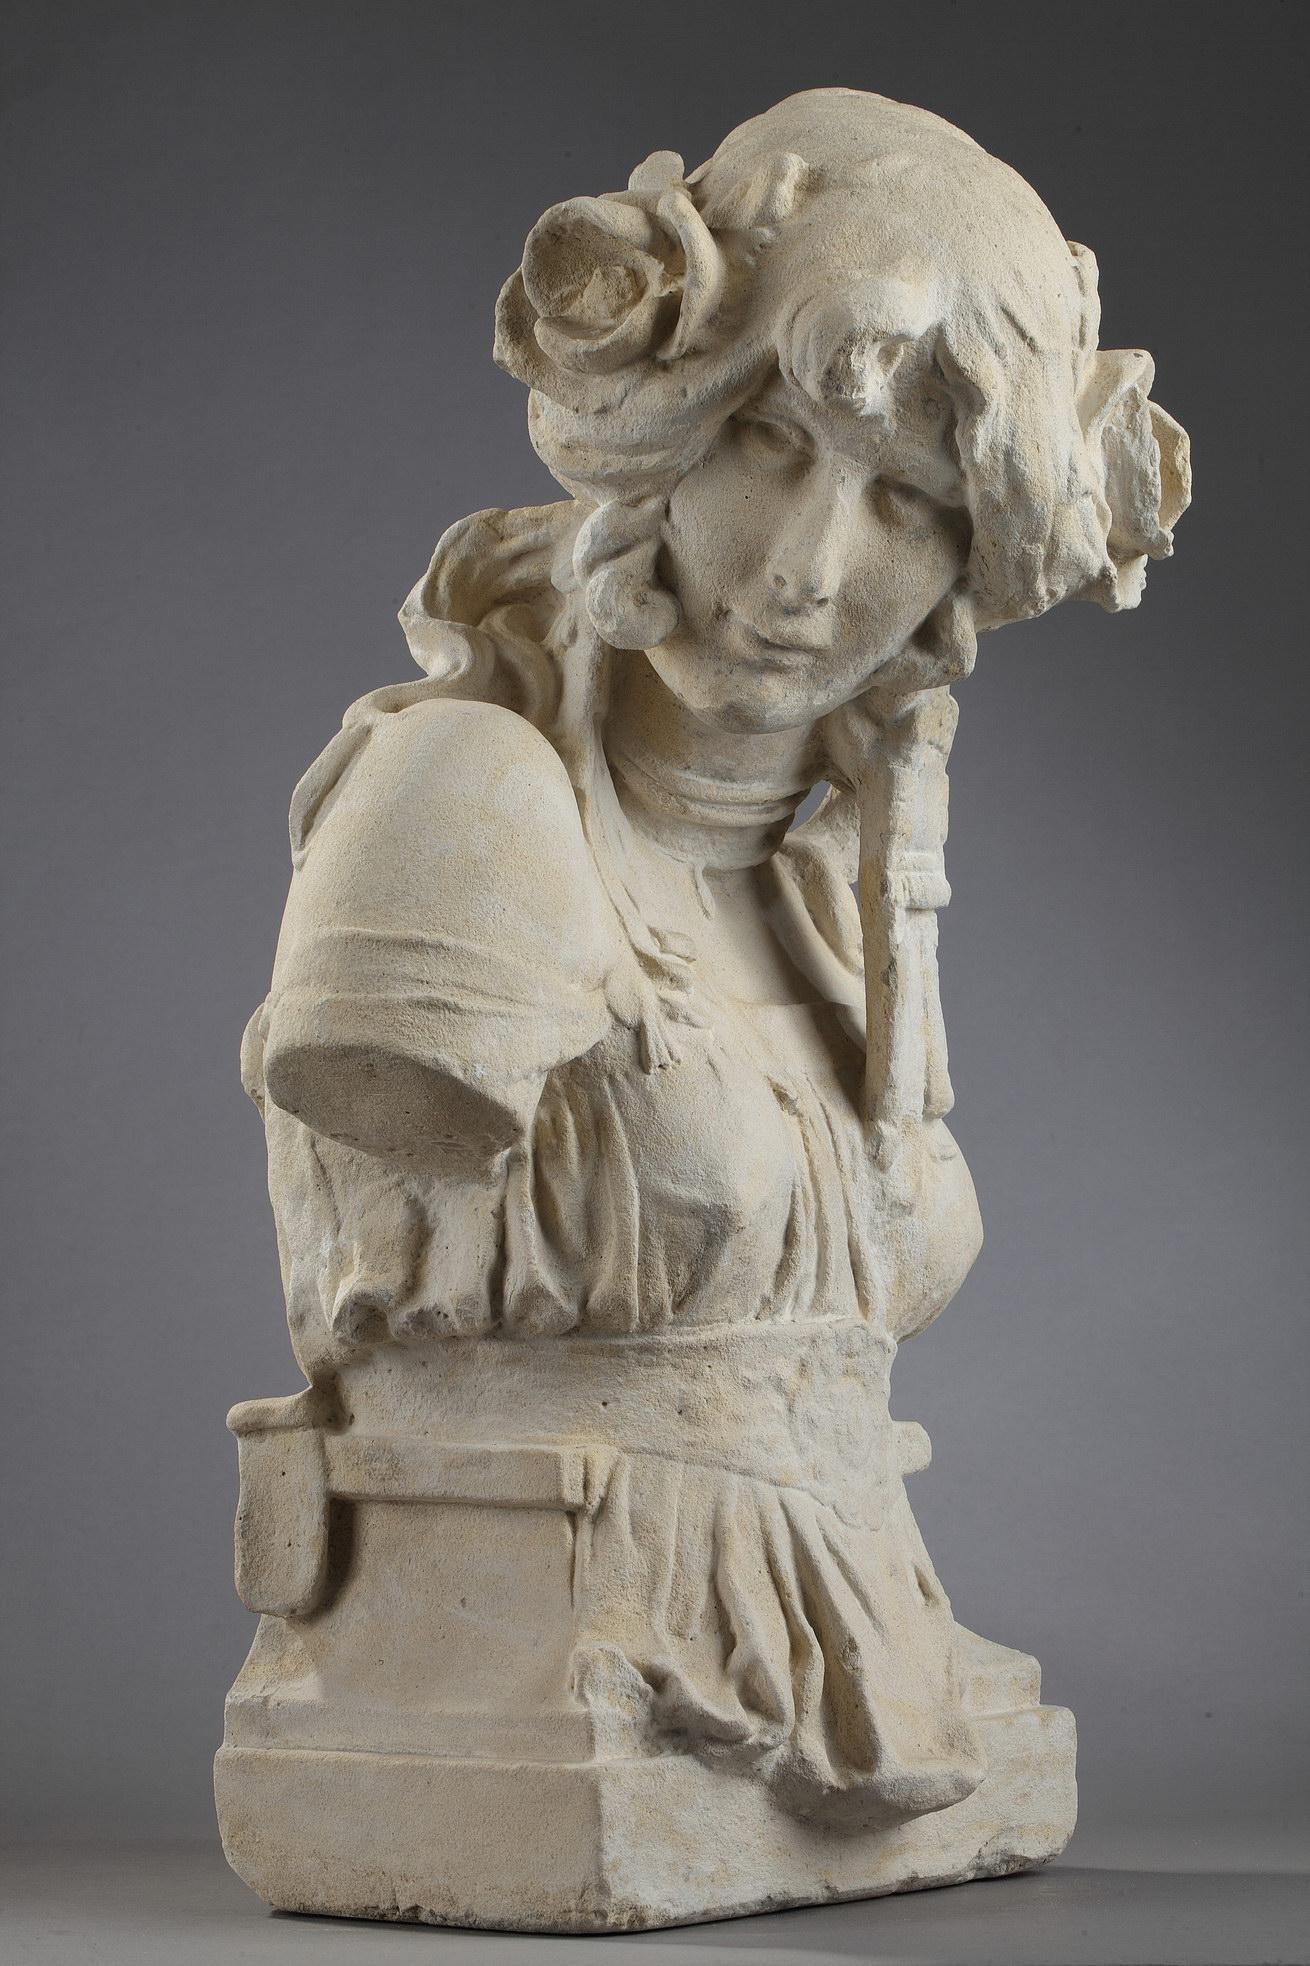 """Anonyme, """"Cléo de Mérode"""", pierre calcaire du début du XXe s., Haut. 55,5 cm. sculptures - galerie Tourbillon, Paris"""